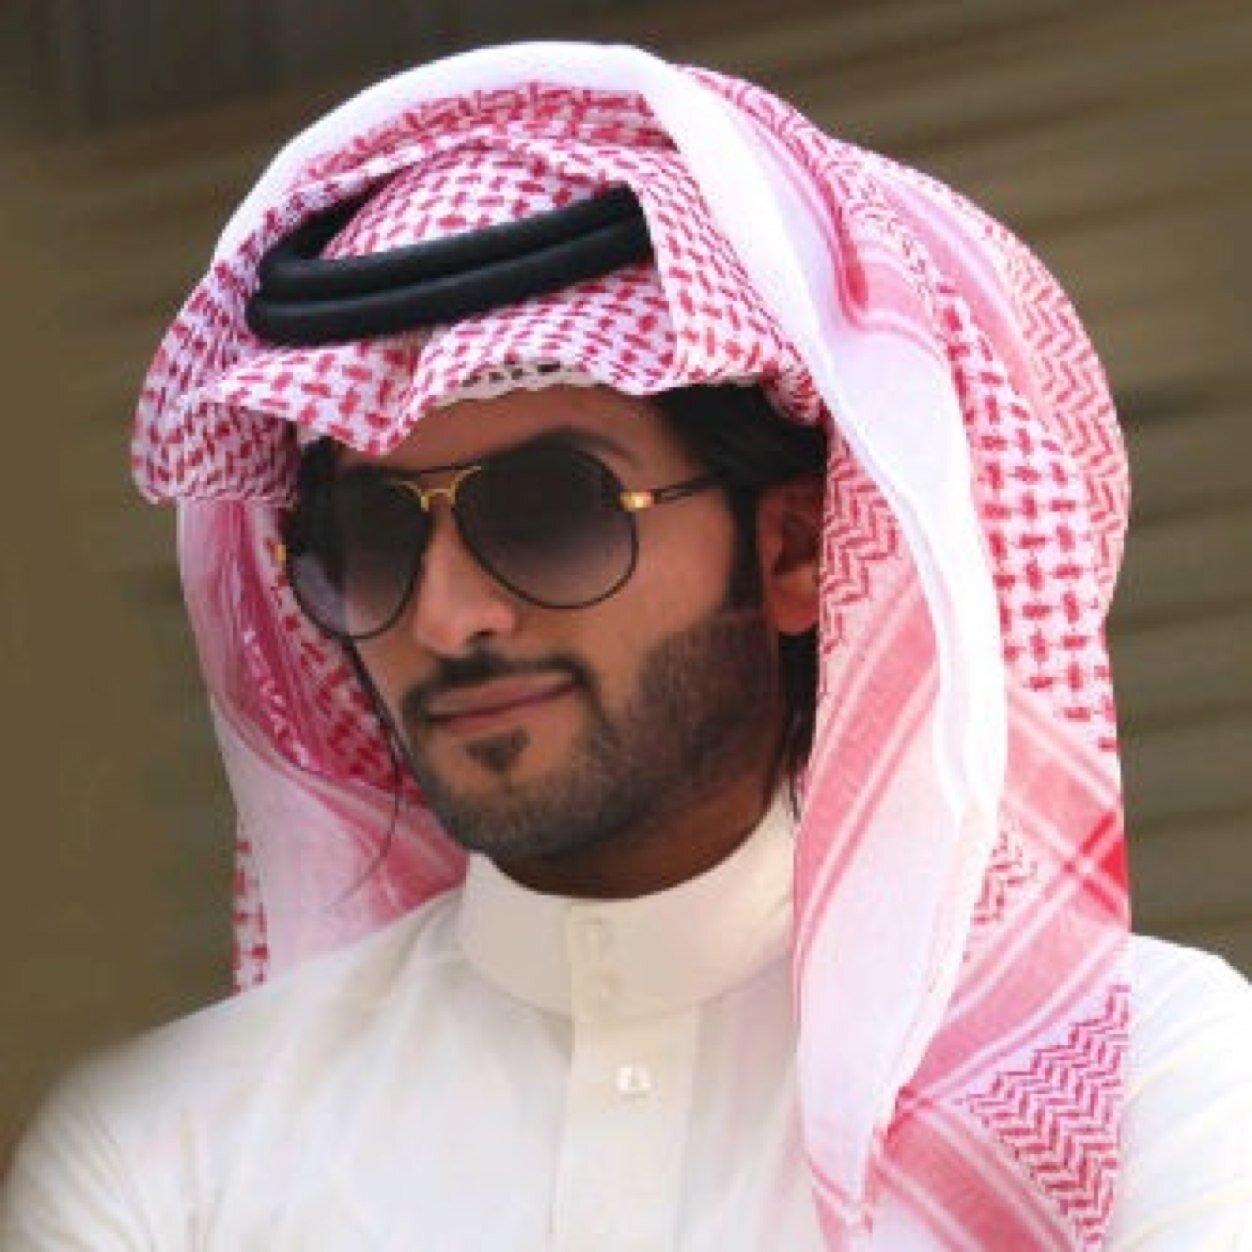 صور شباب سعوديين شباب 2021 في السعودية رمزيات